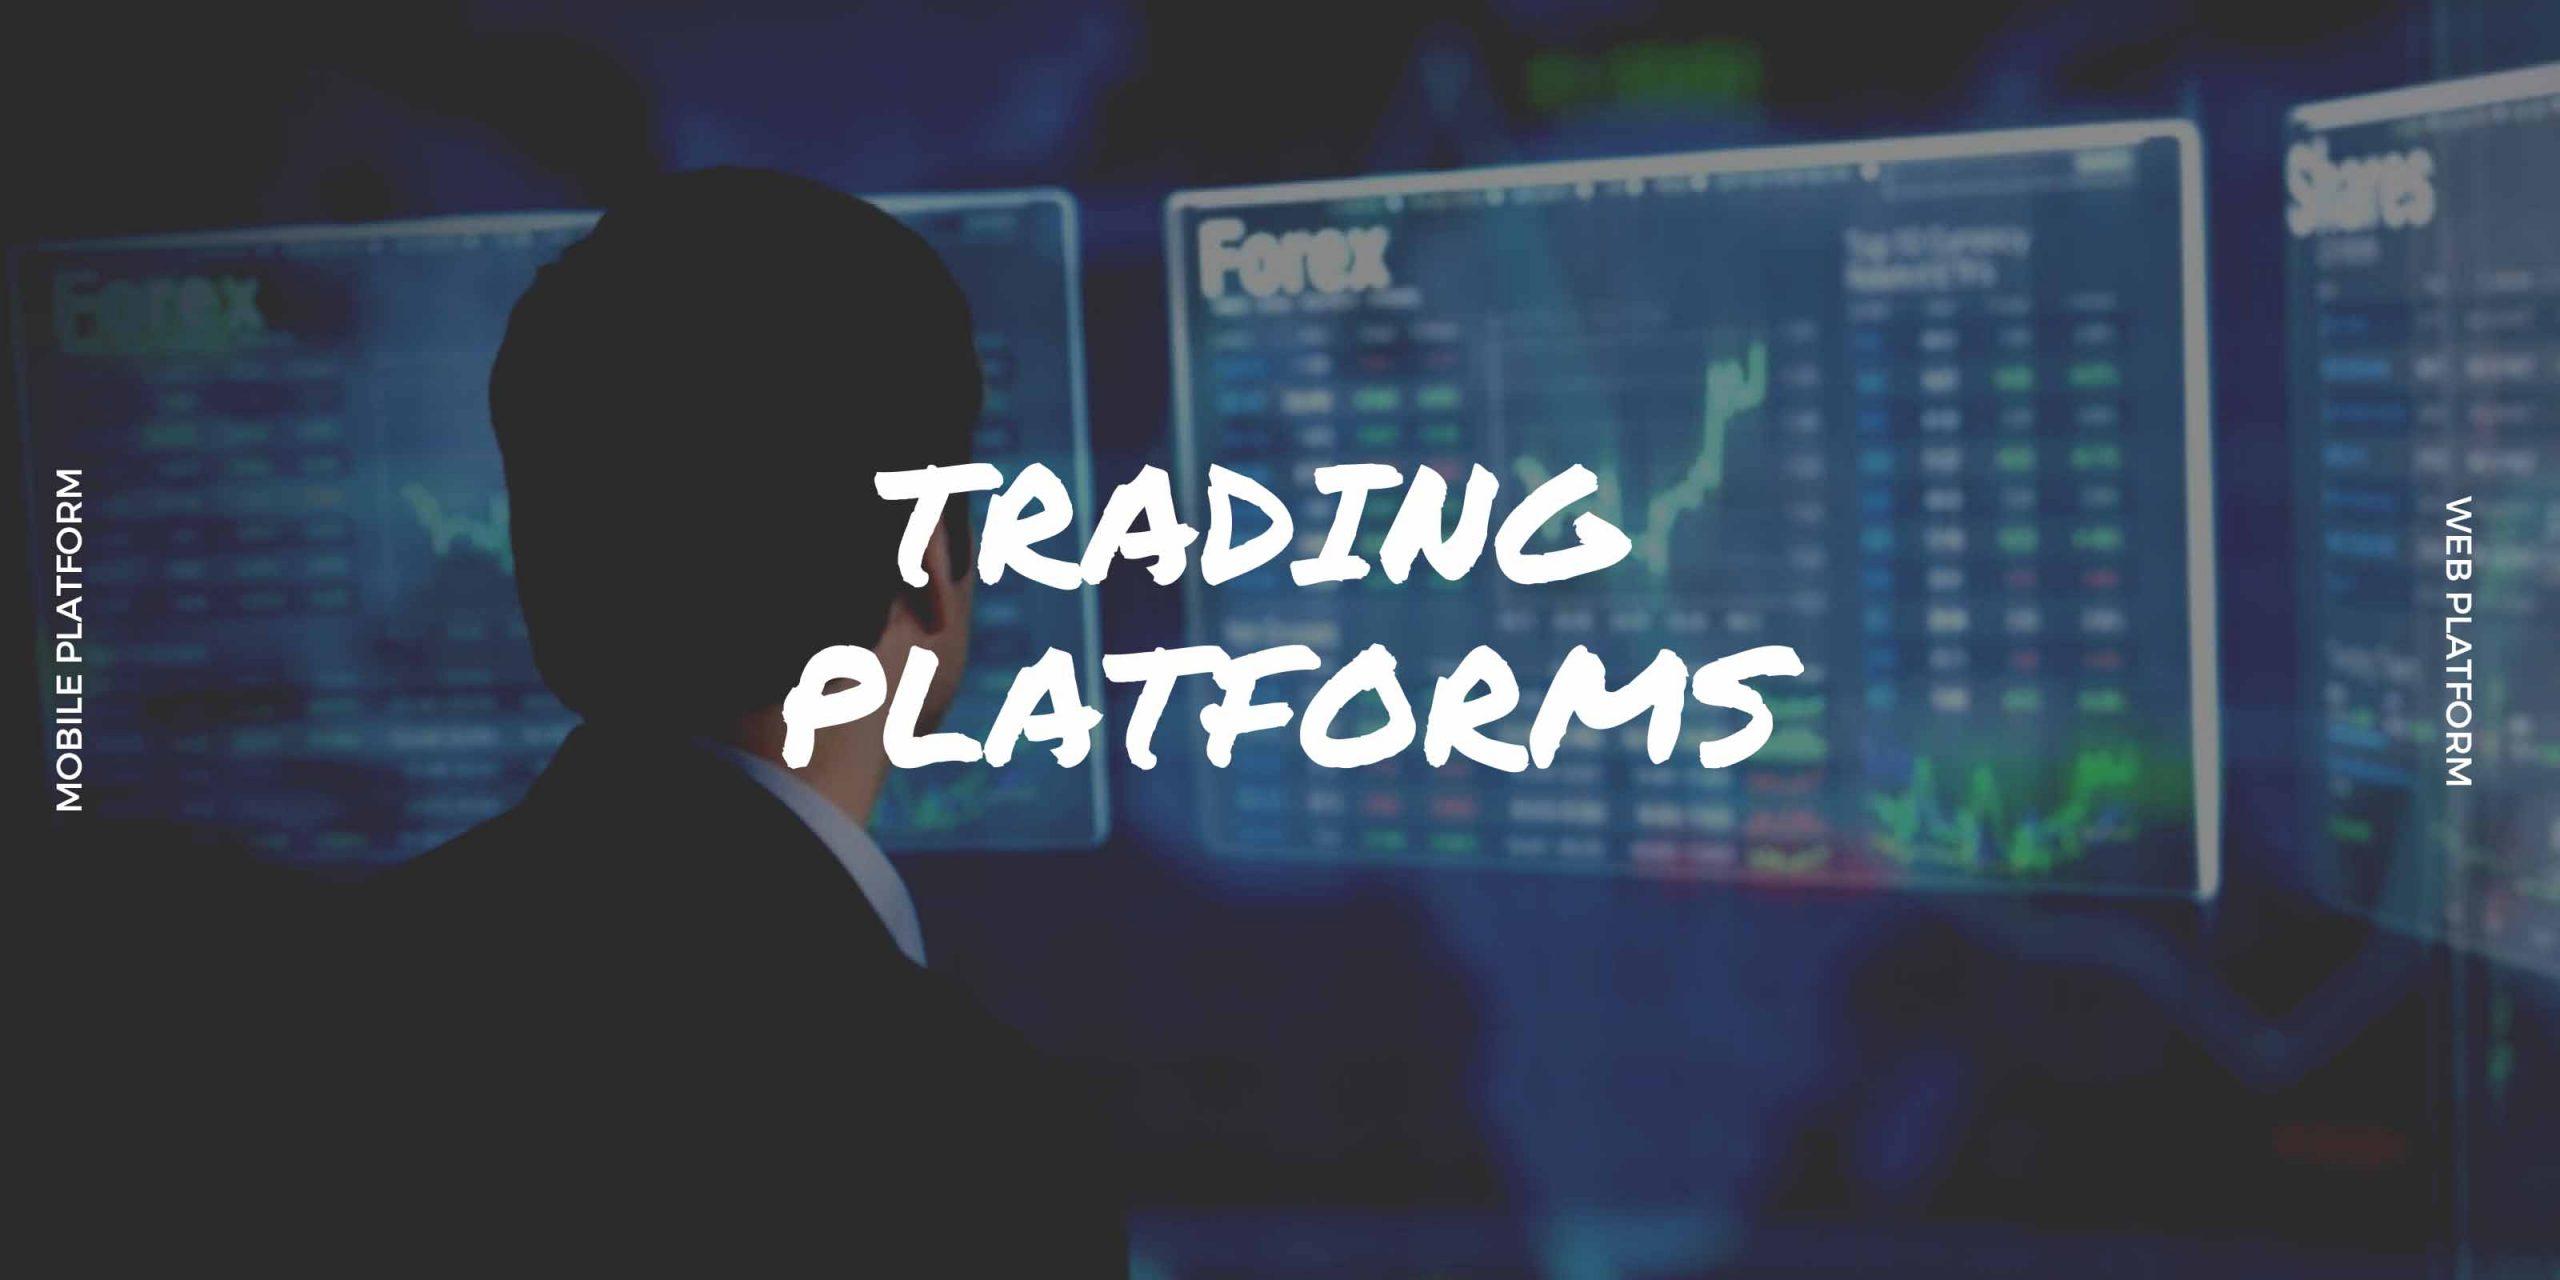 Trading platform - eCompareFX